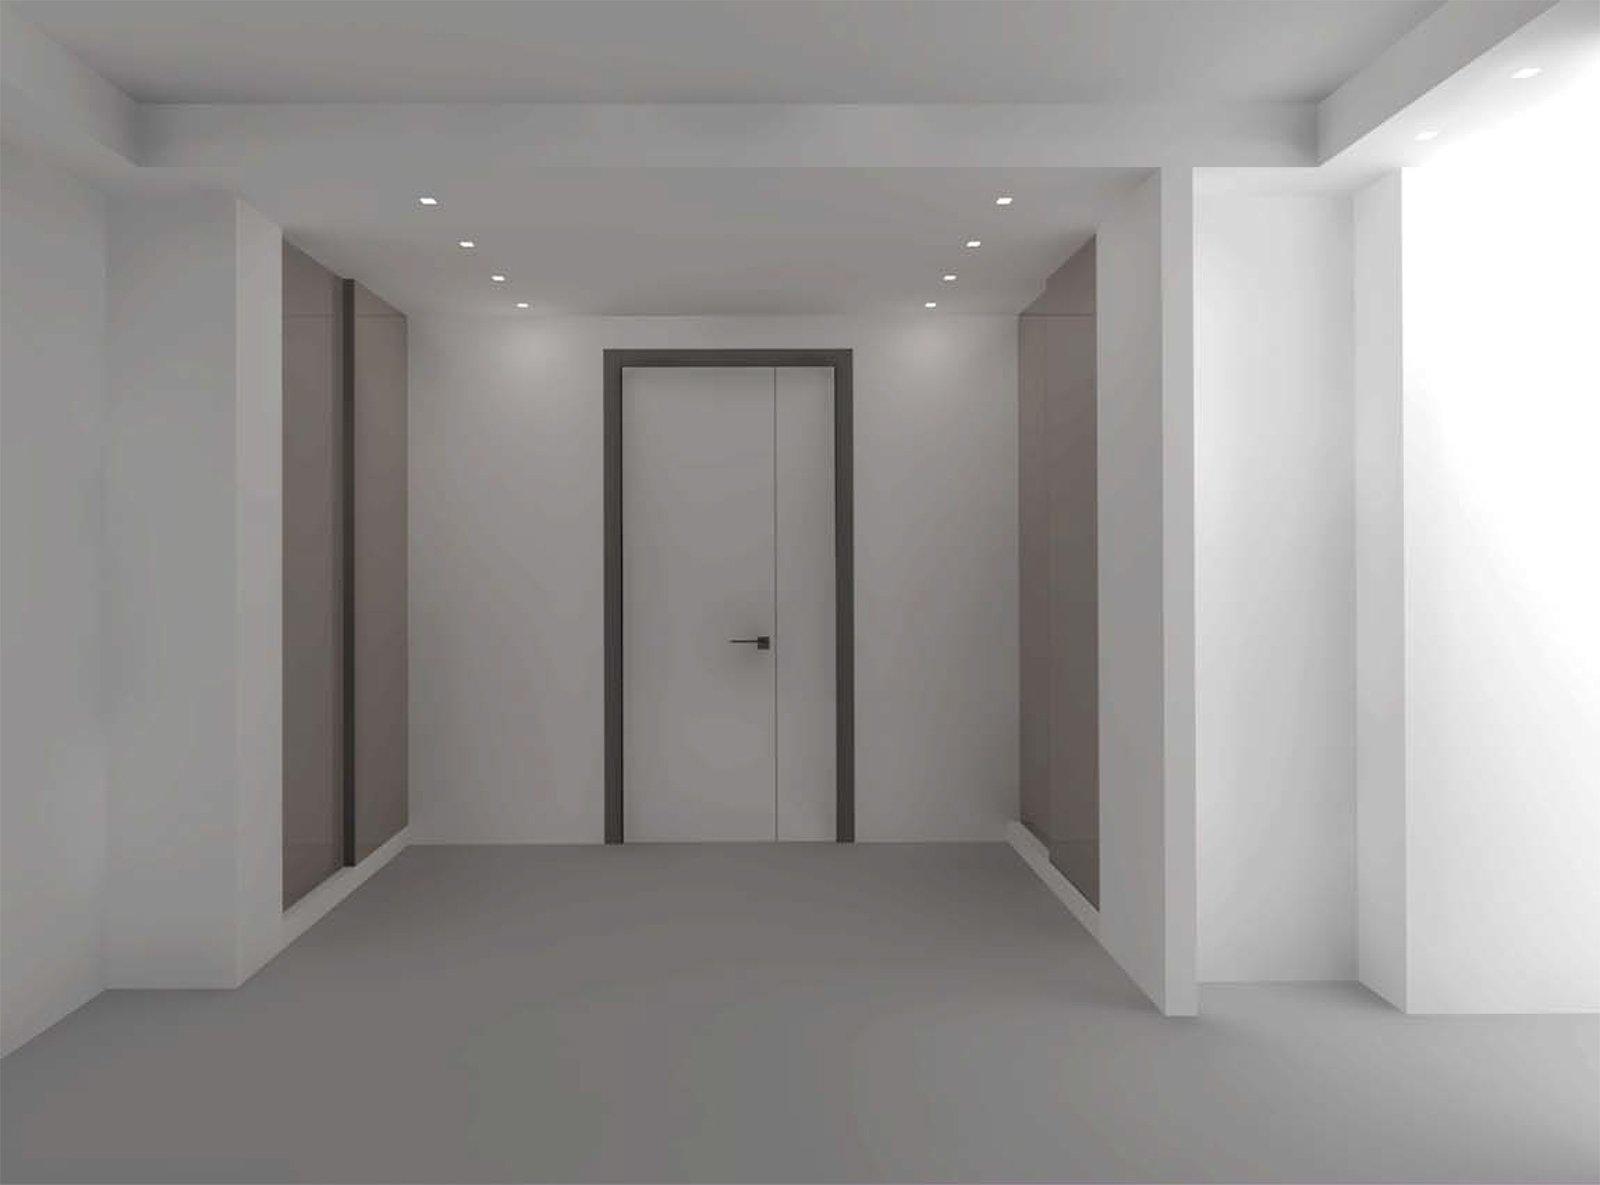 Illuminare gli ambienti con i faretti cose di casa - Illuminazione ingresso casa ...